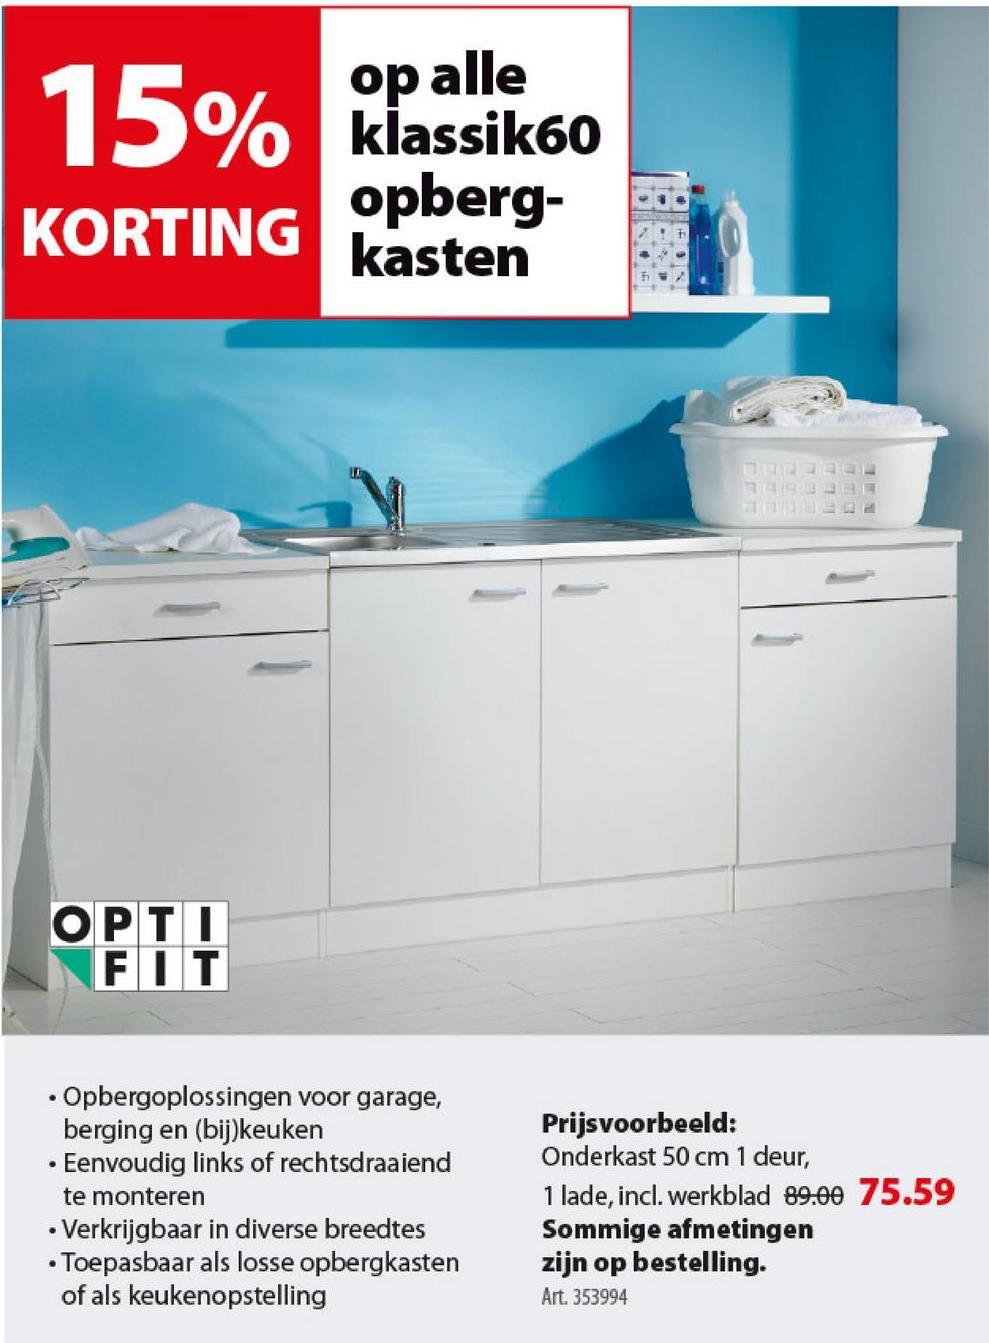 Optifit Klassik60 onderkast met 1 deur en 1 lade 84,5x50x60 cm met wer -